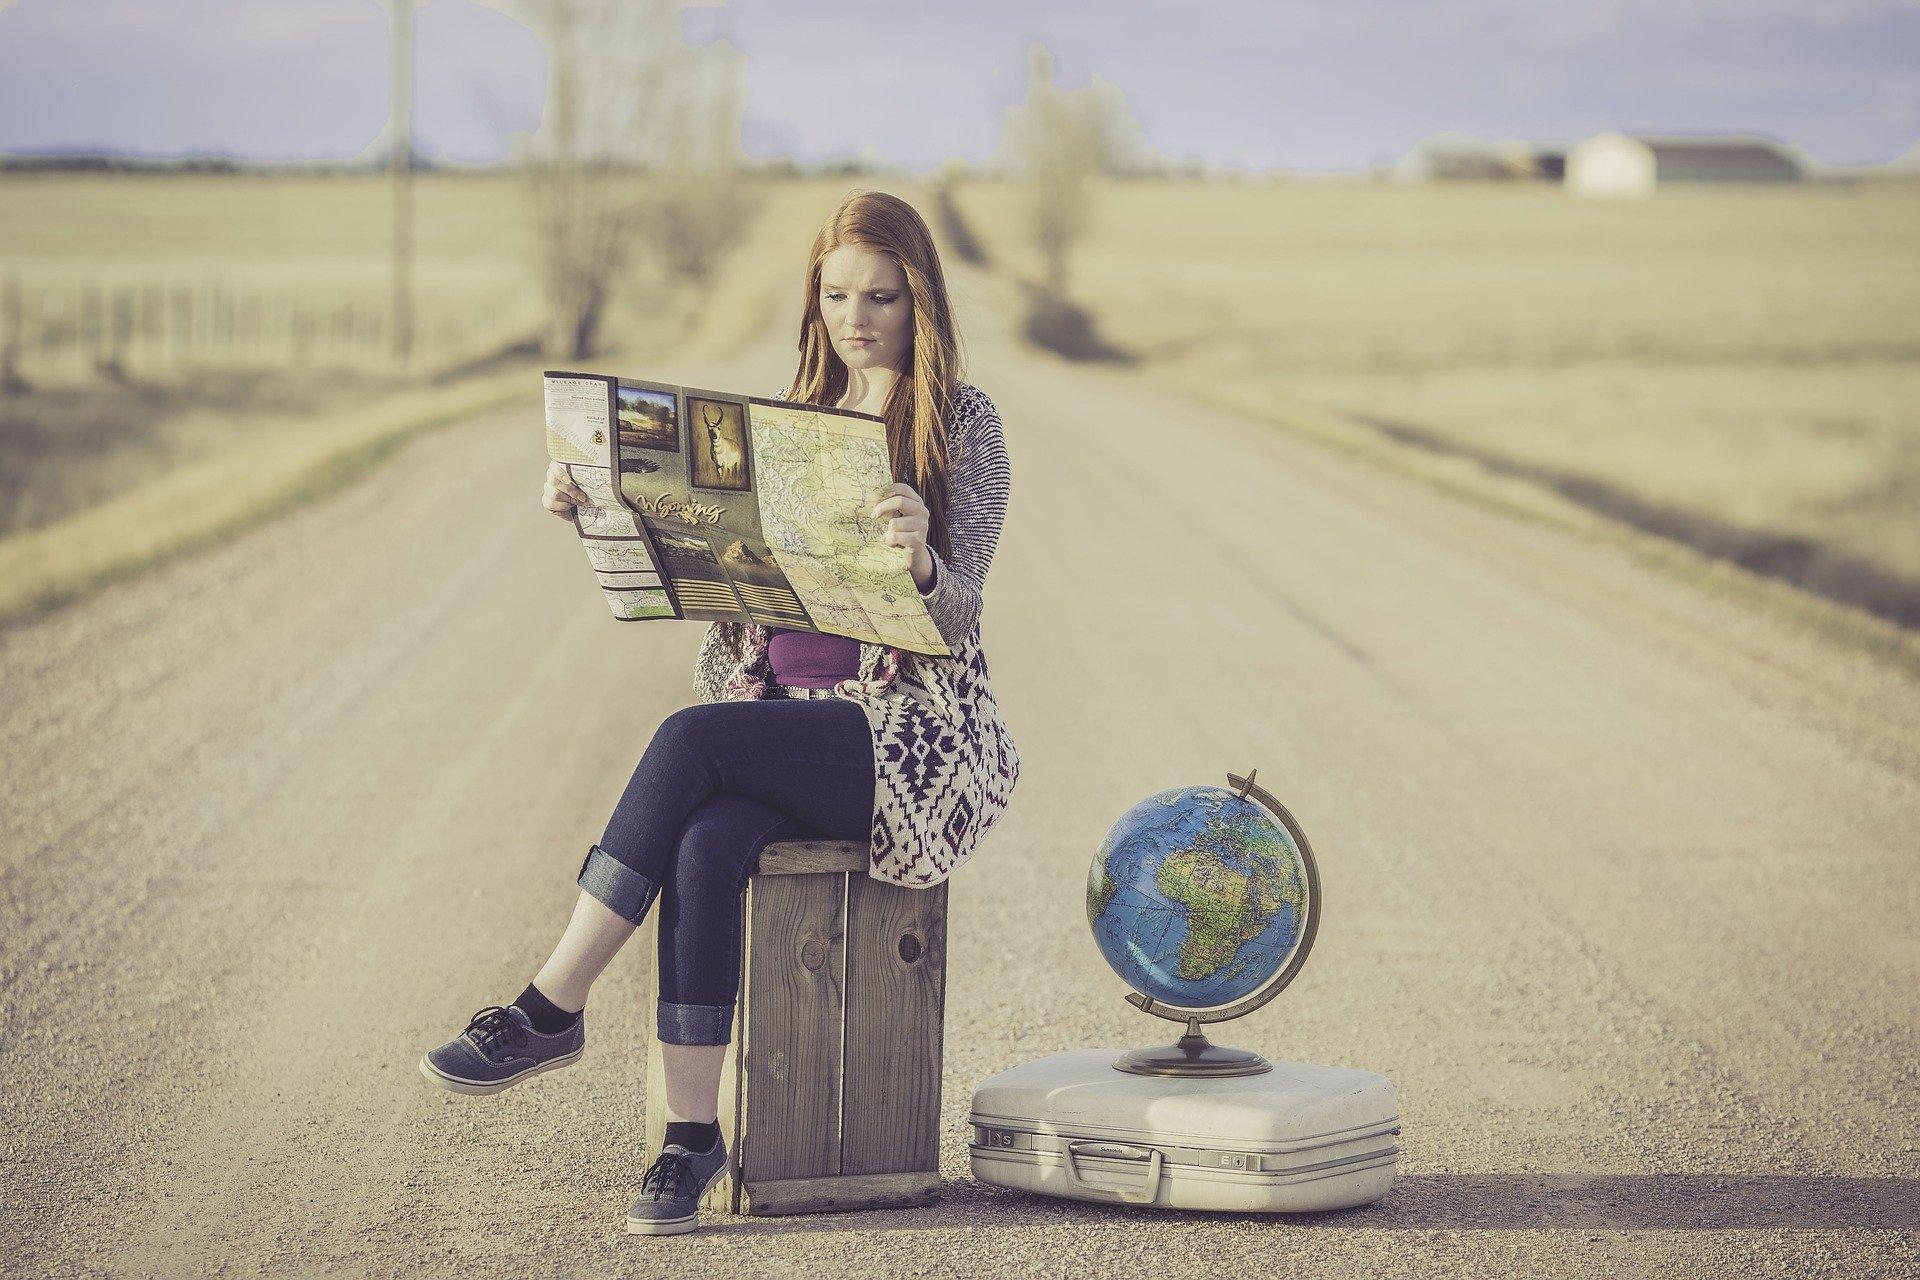 Imagem de uma mulher sentada em um banco no meio de uma estrada (imagem ilustrativa).